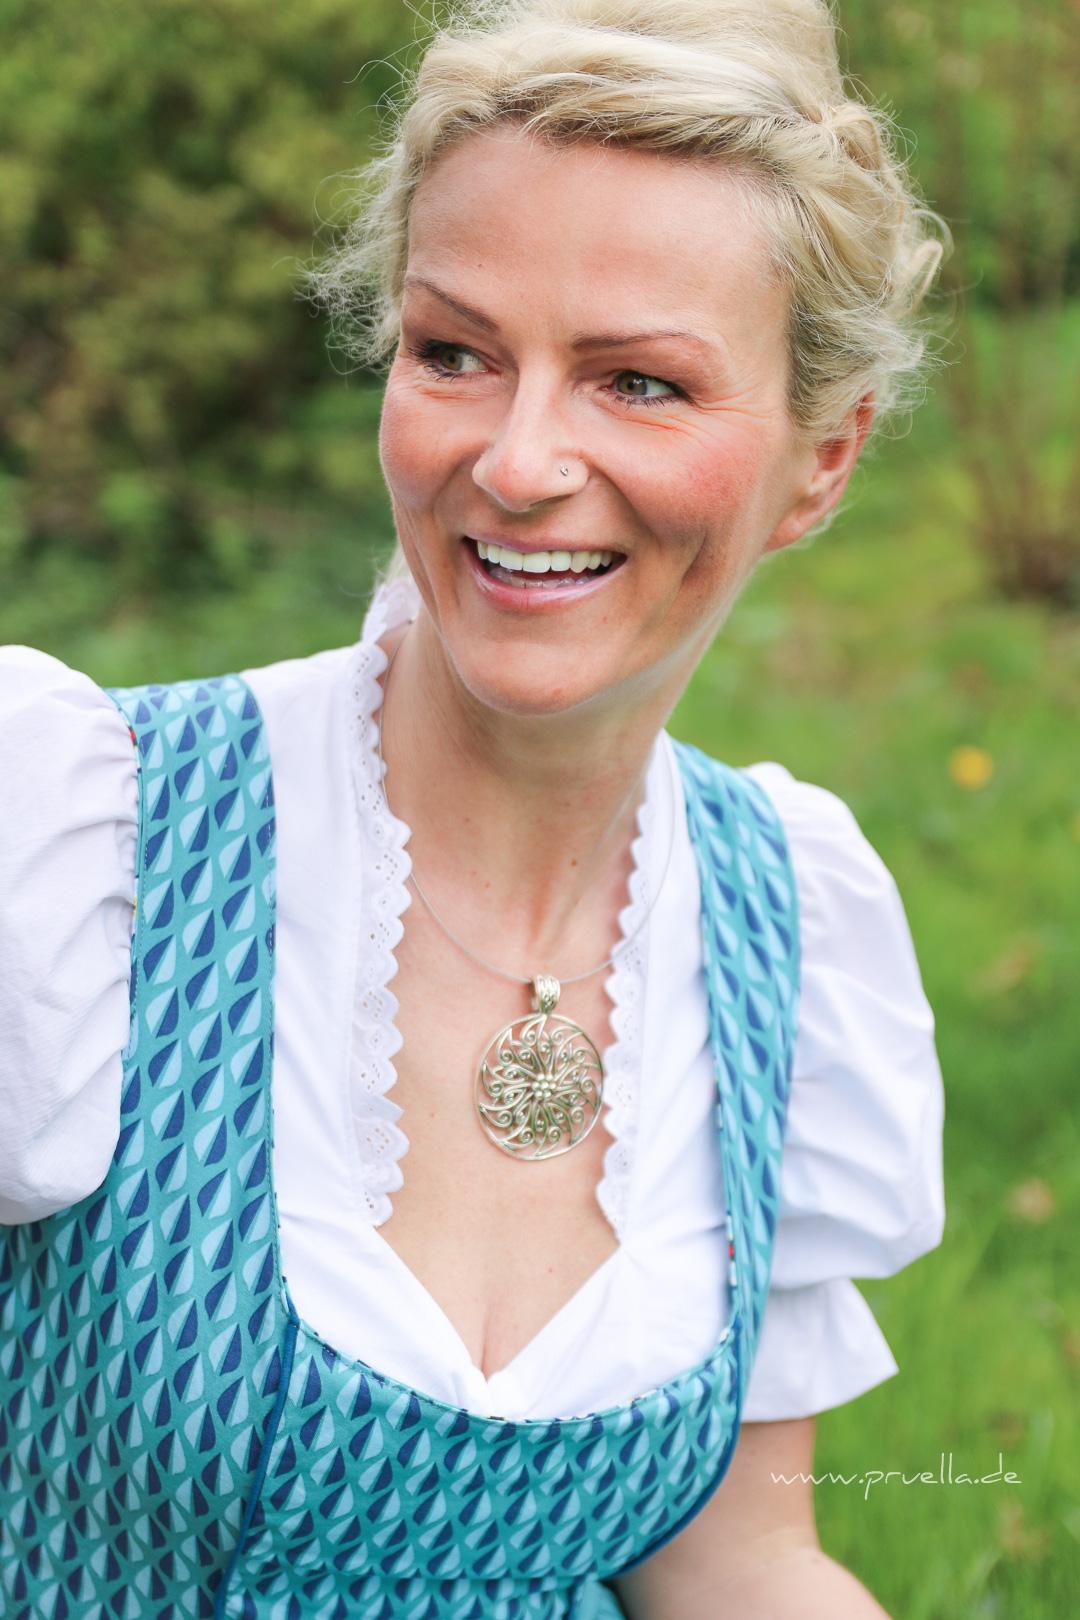 Pruella Dirndl Anna nach mondbresal aus Happy flowers von lilalotta